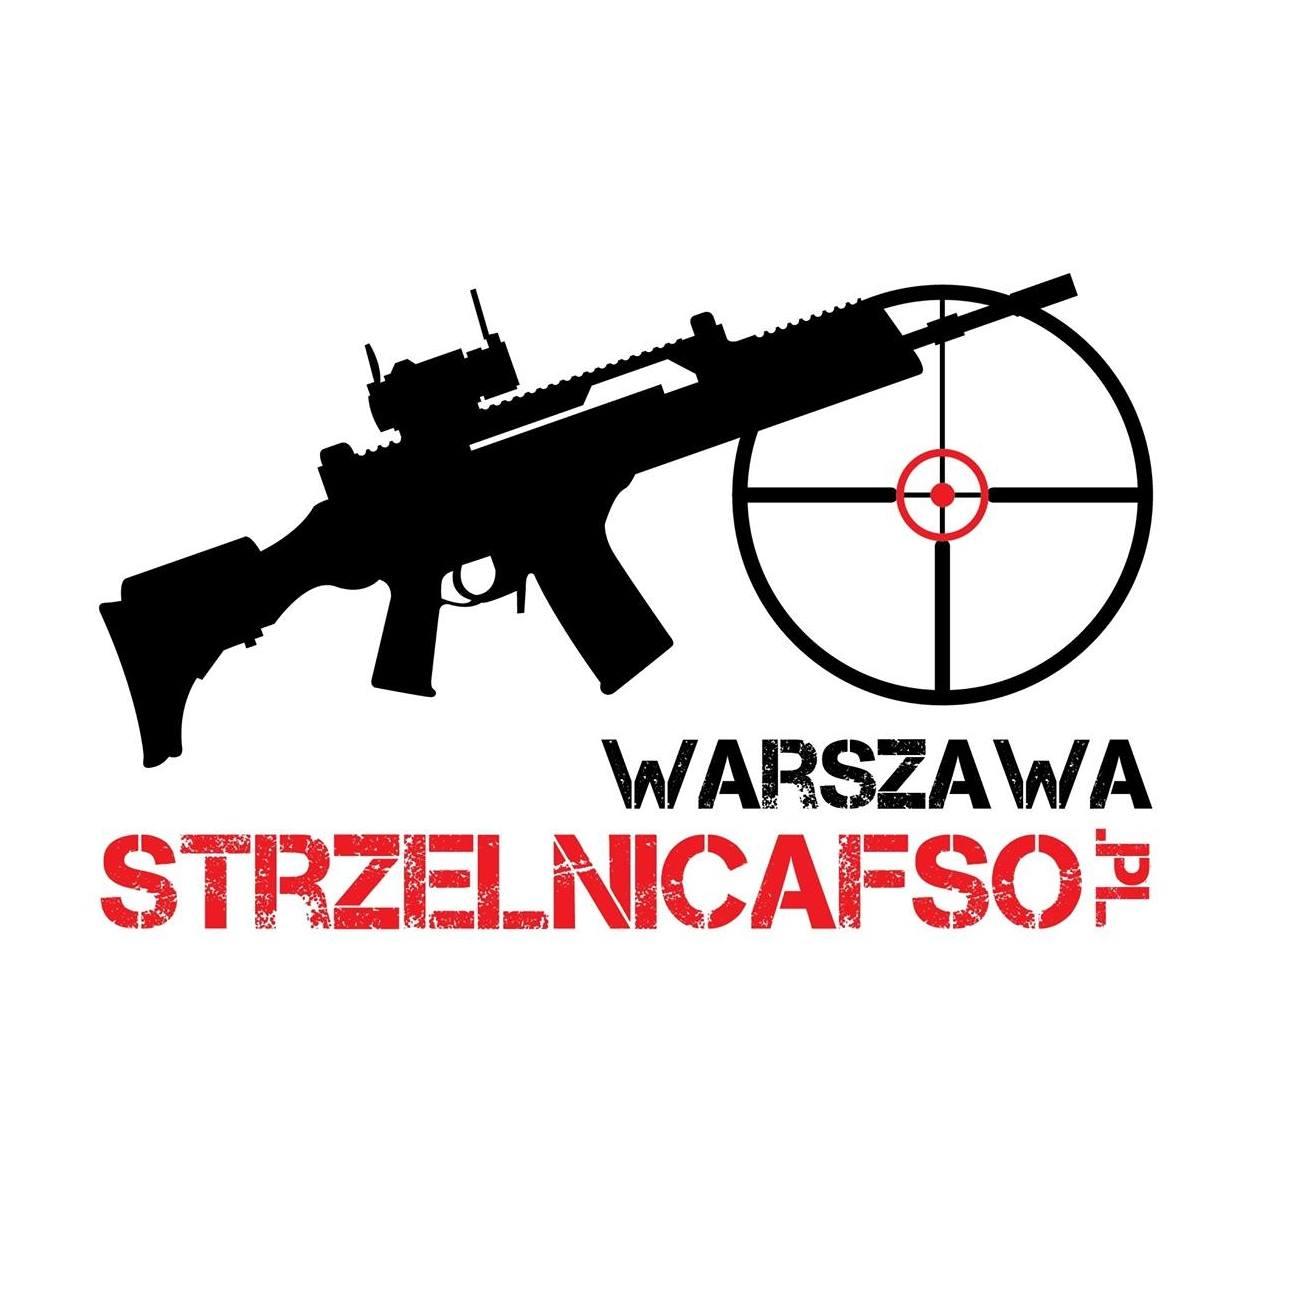 Warszawa, Strzelnica FSO